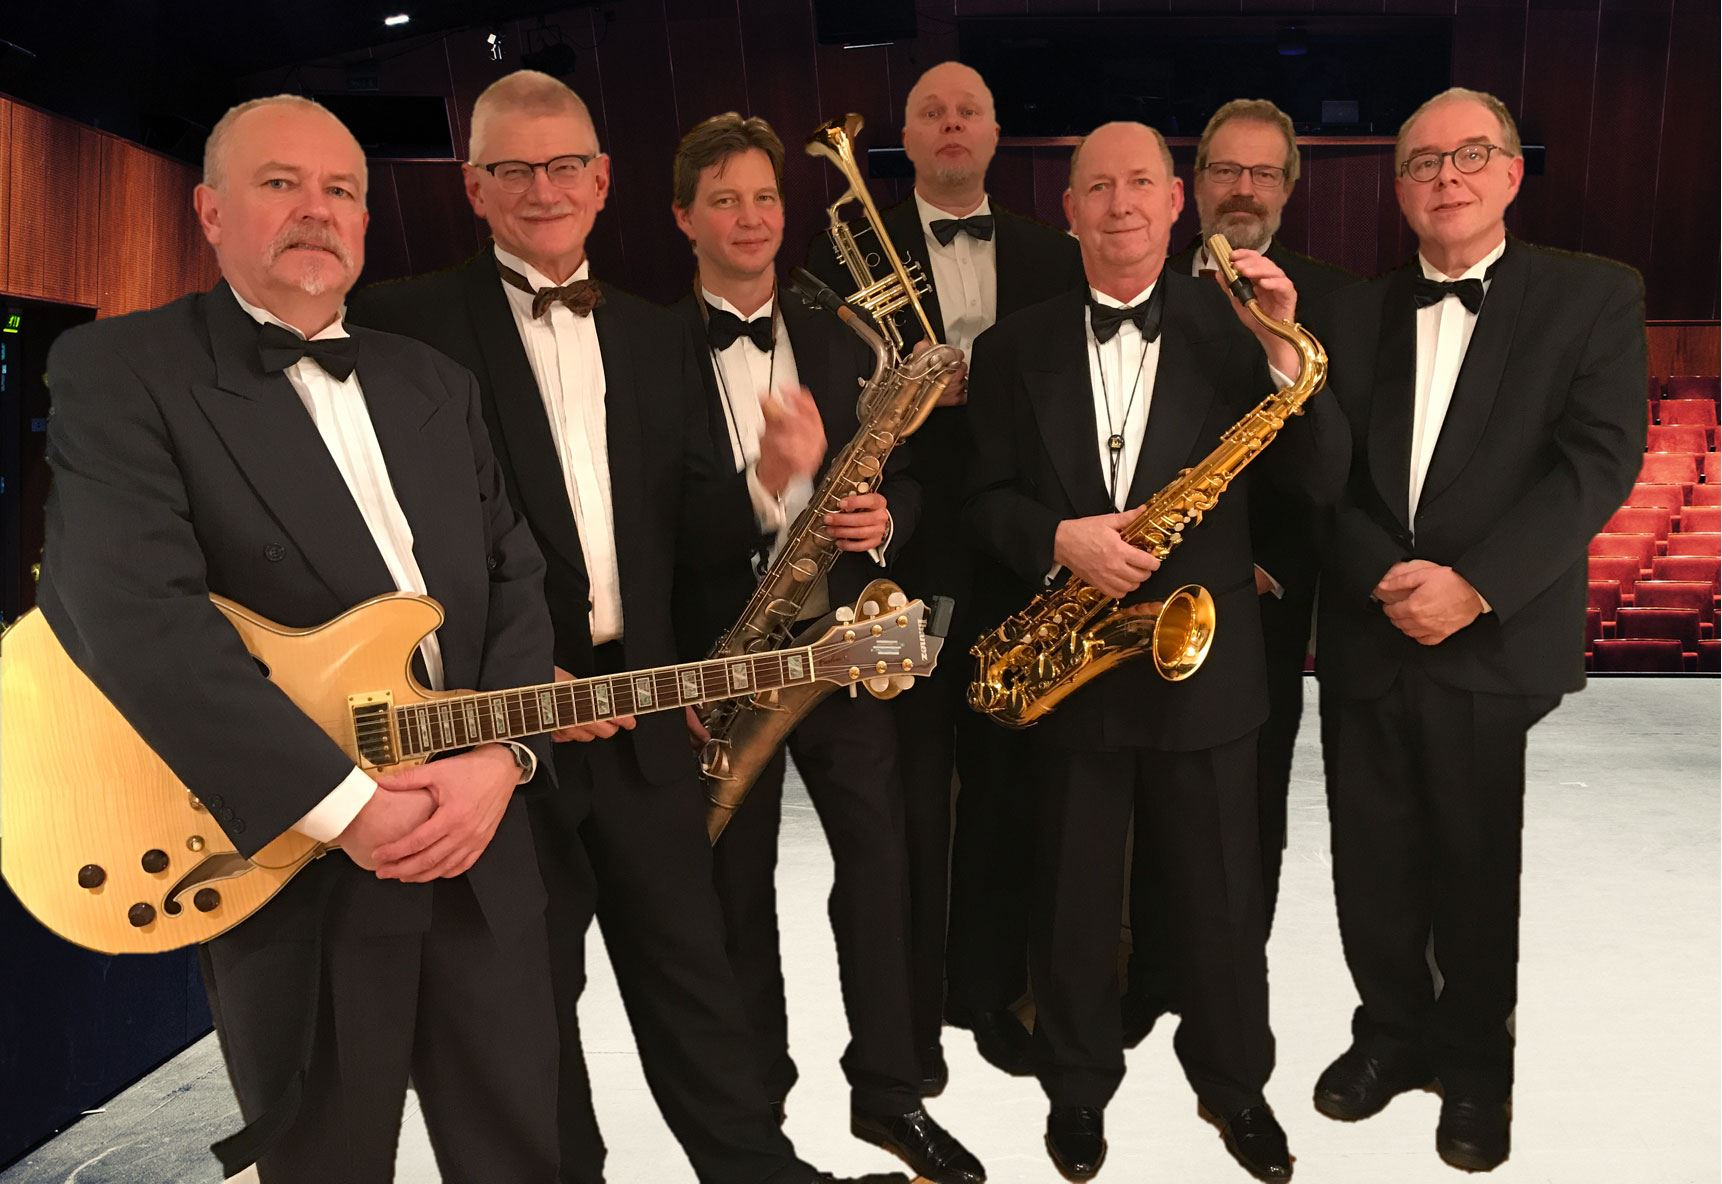 Bo Bistedts orkester